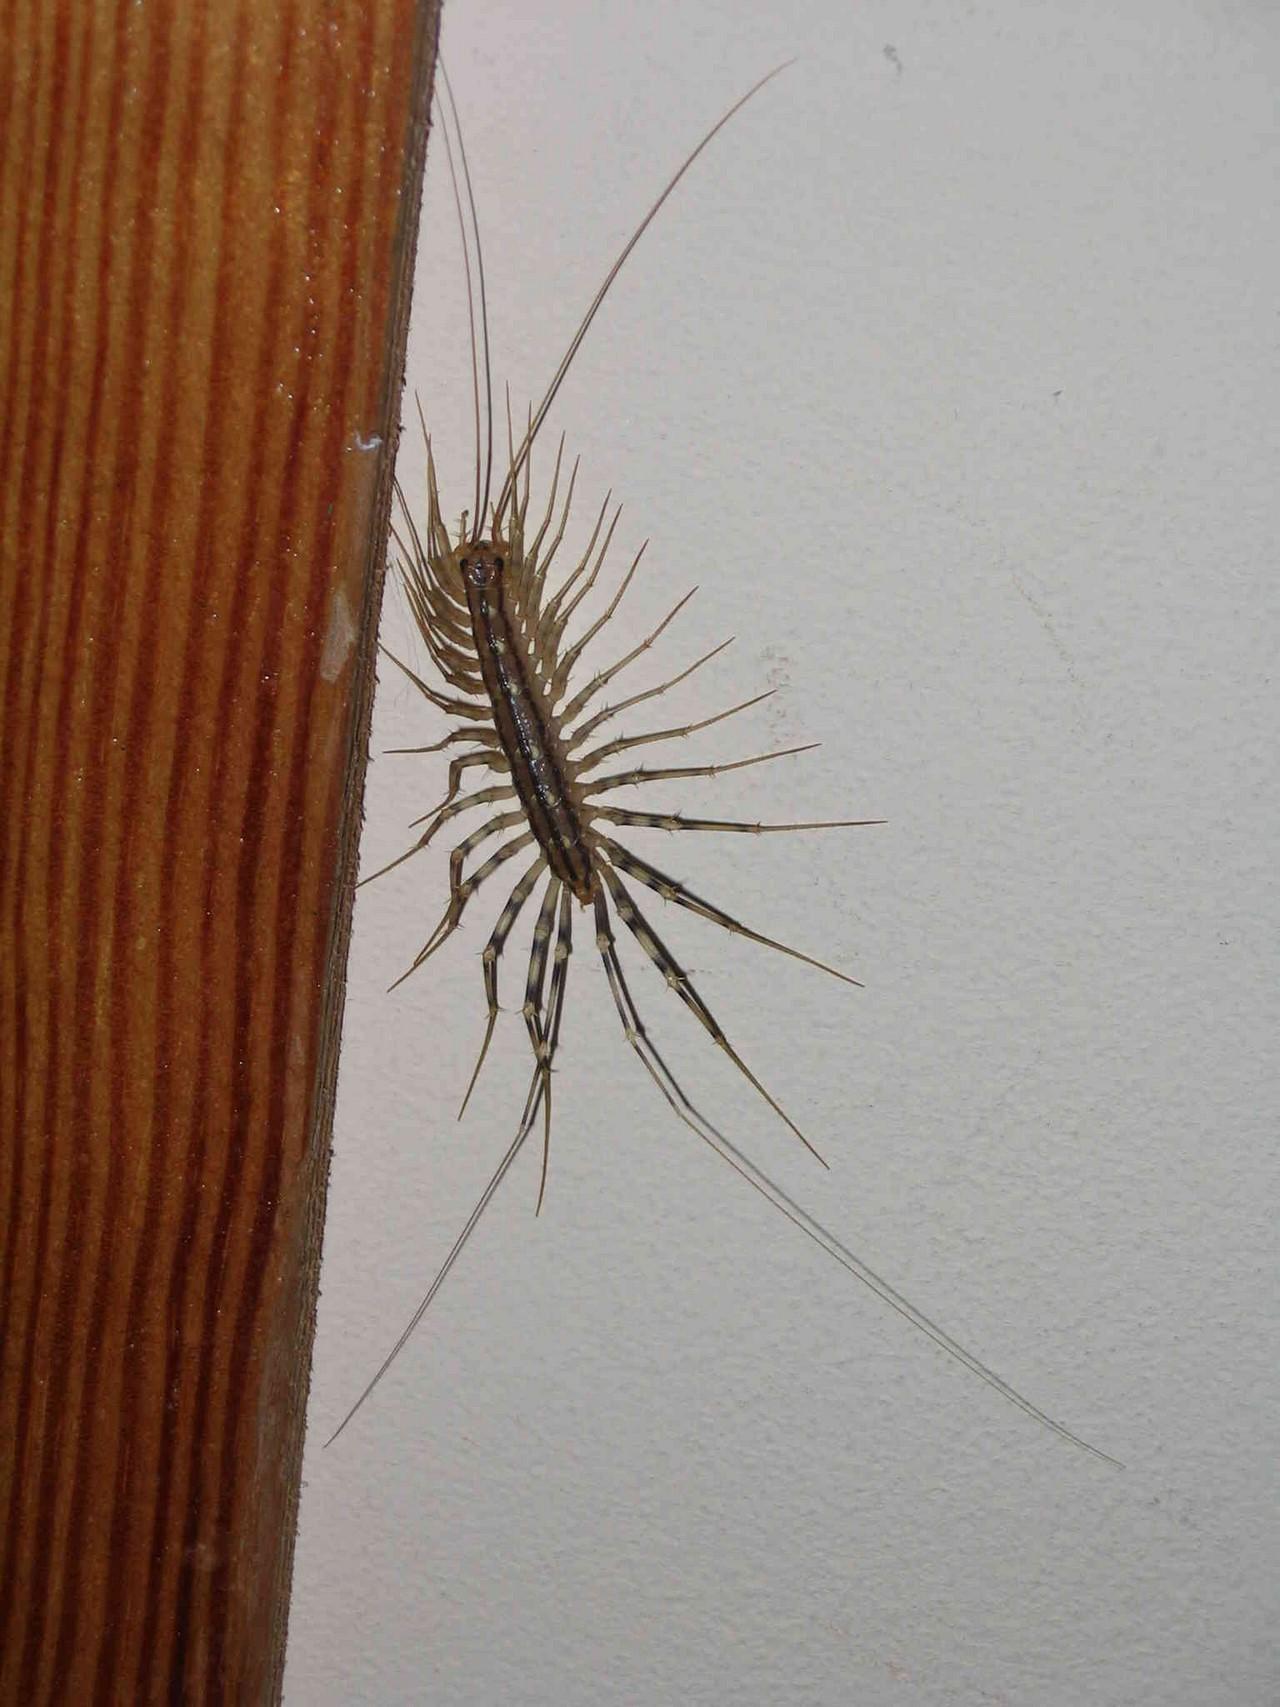 Сороконожка мухоловка домашняя: кто это, как избавиться